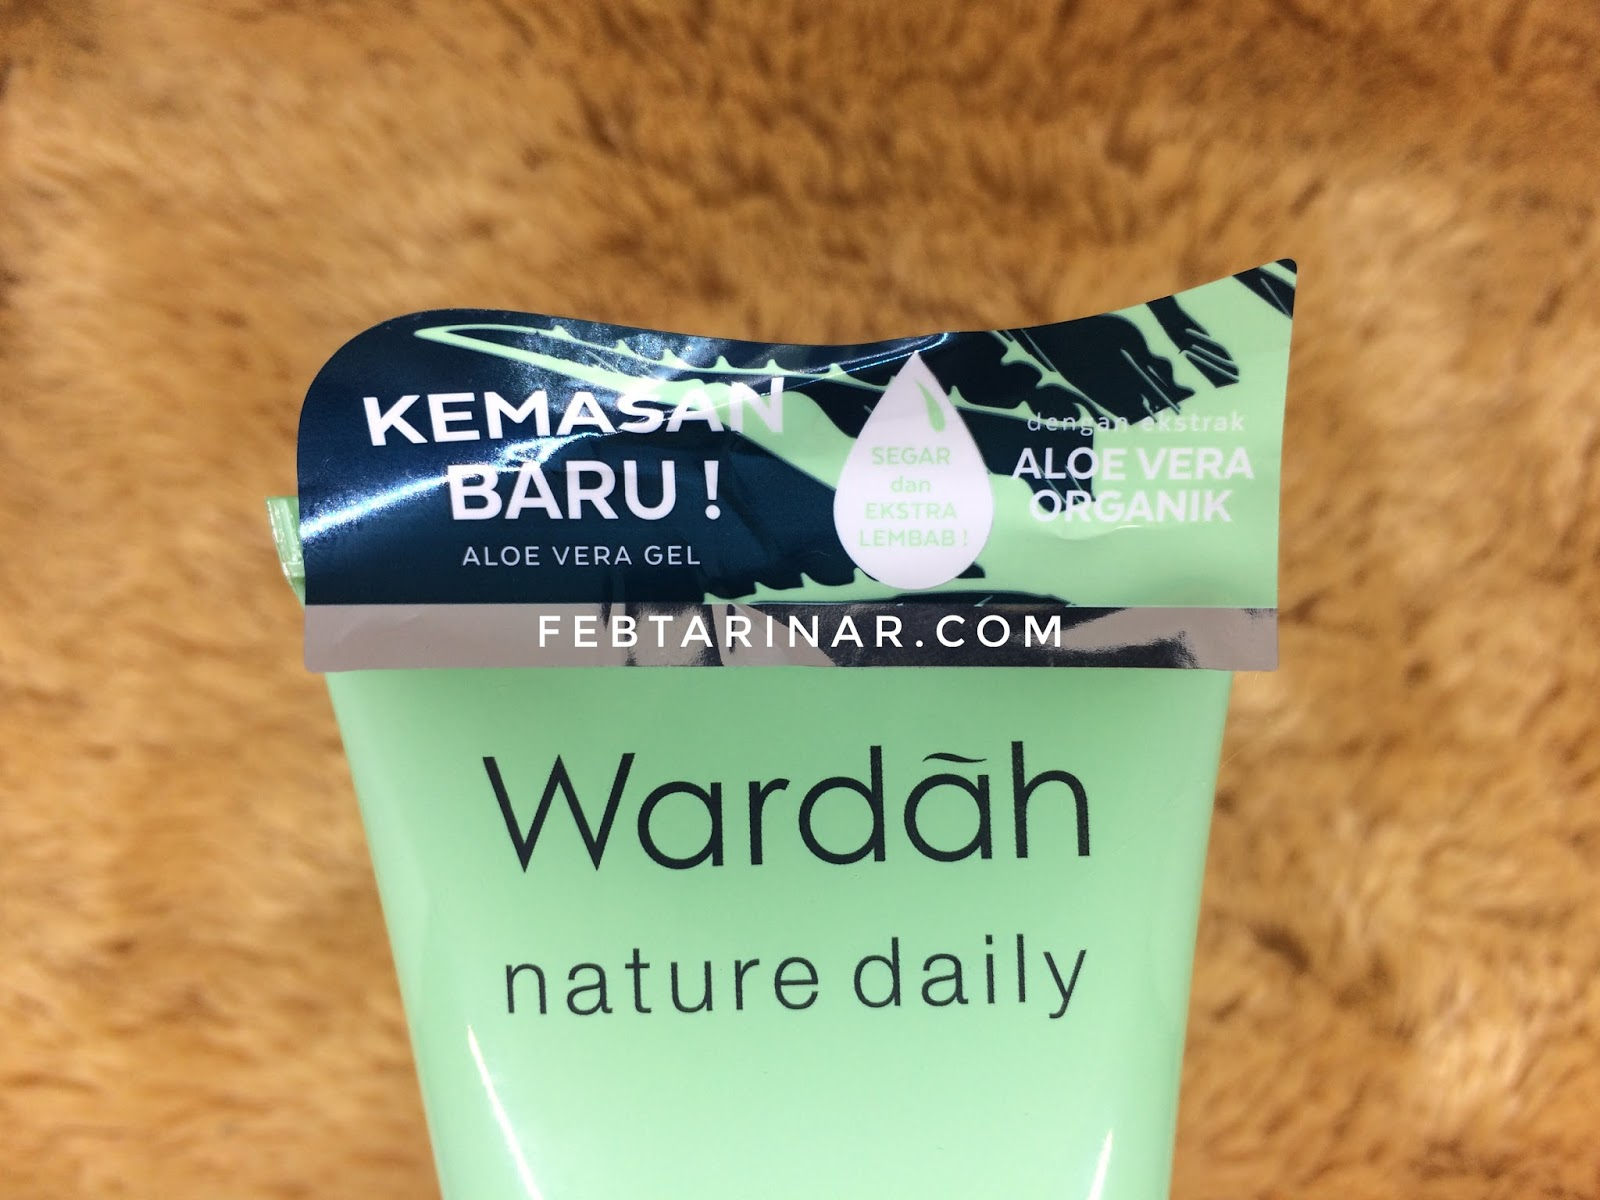 Setelah aku telaah di kemasan yang sekarang Wardah menambahkan ekstrak aloe vera organik Benar aja yang aku pikirin berasa makin natural dan sehat